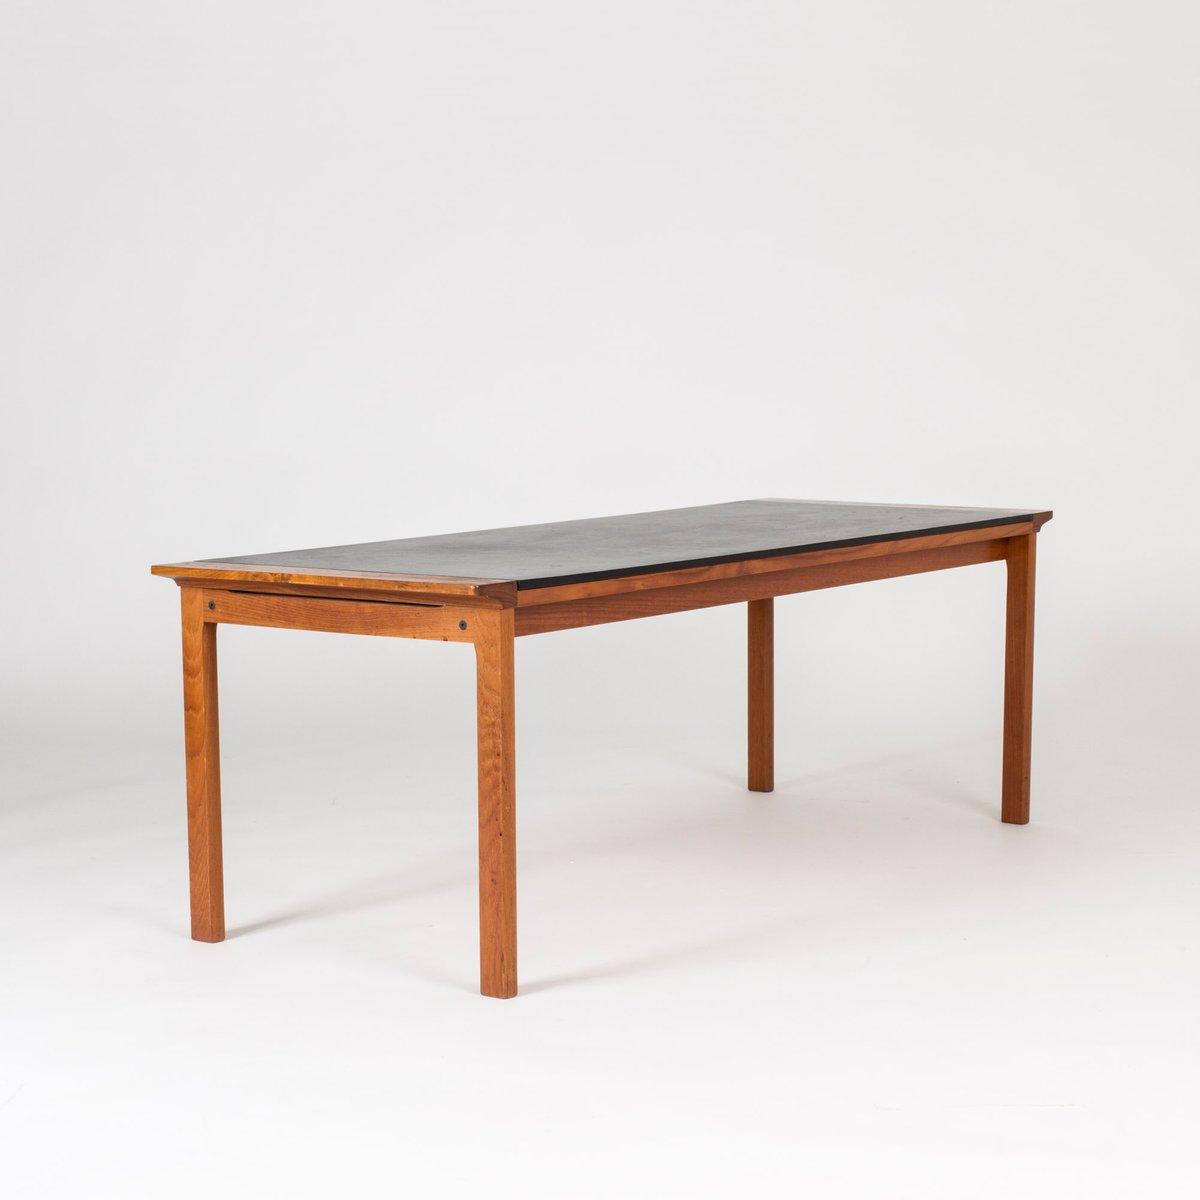 leder und teak couchtisch von arne vodder 1960er bei pamono kaufen. Black Bedroom Furniture Sets. Home Design Ideas